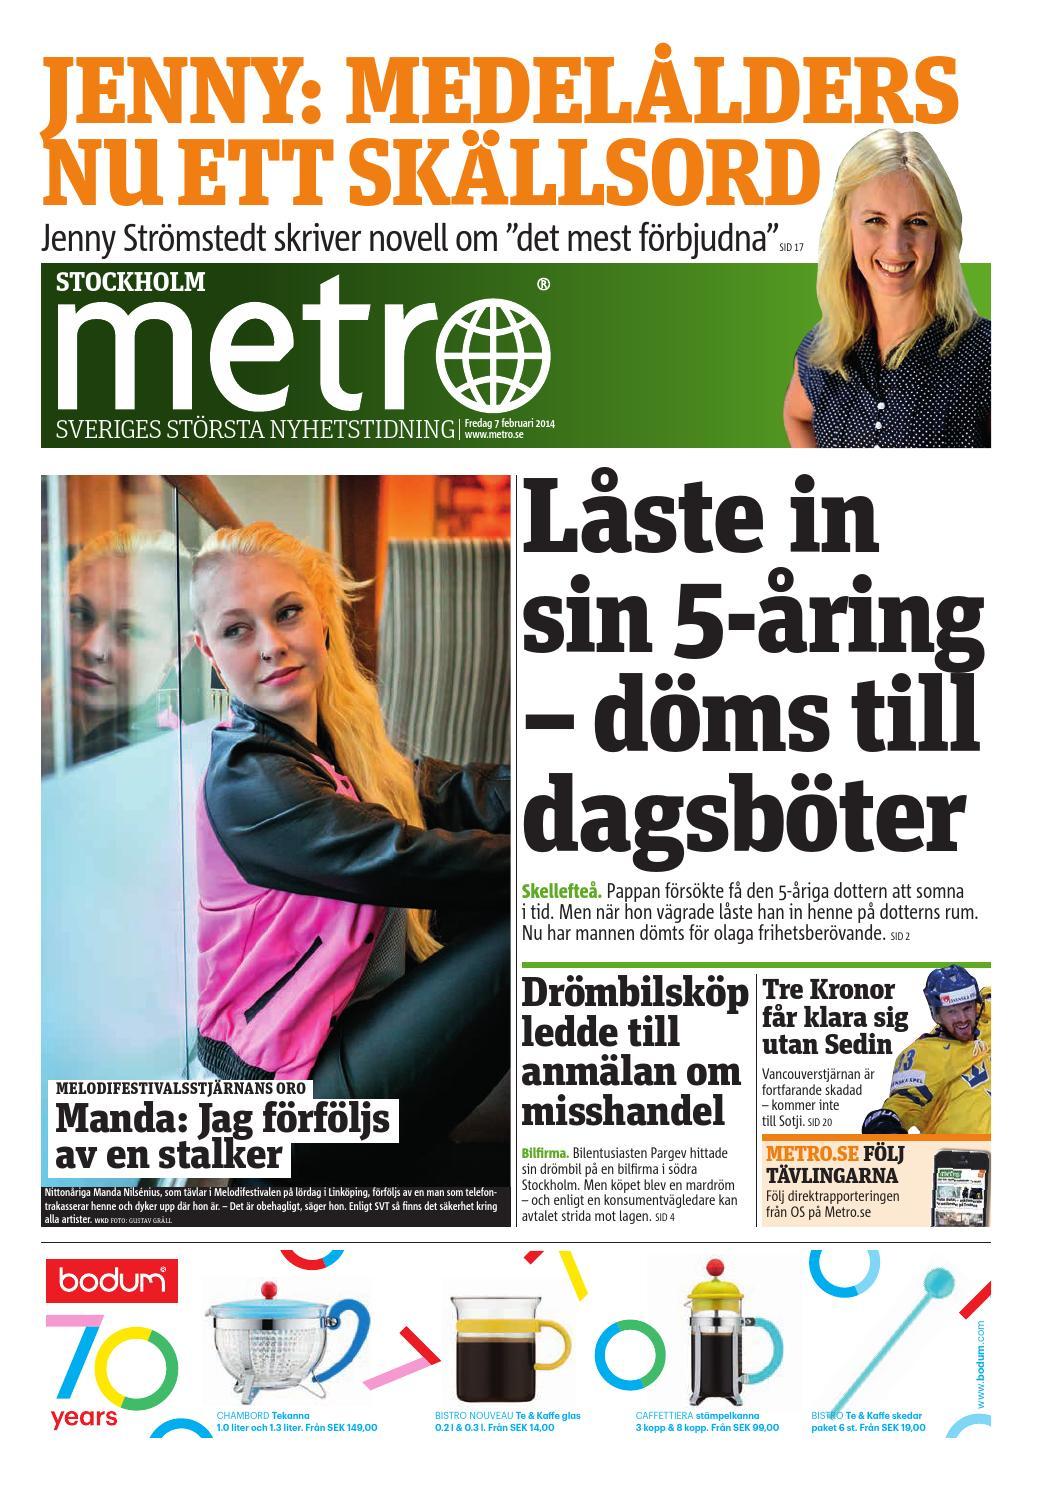 konsumentvägledare stockholm